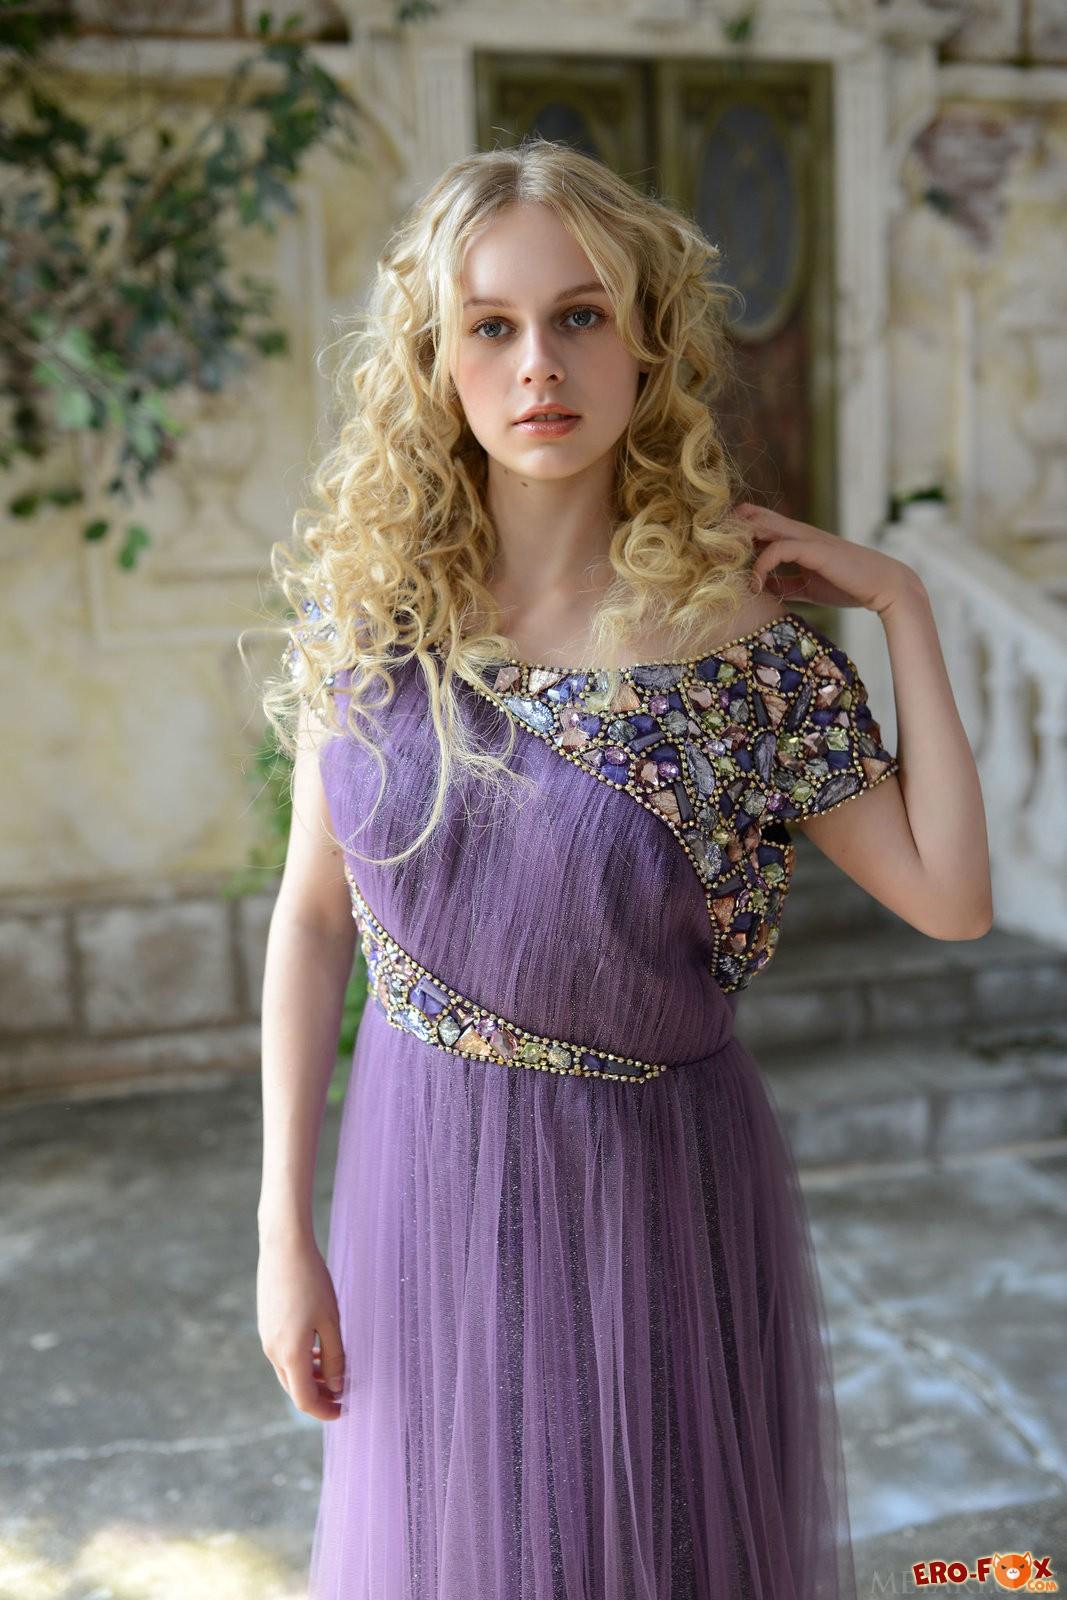 Красивая молодая девушка снимает красивое платье